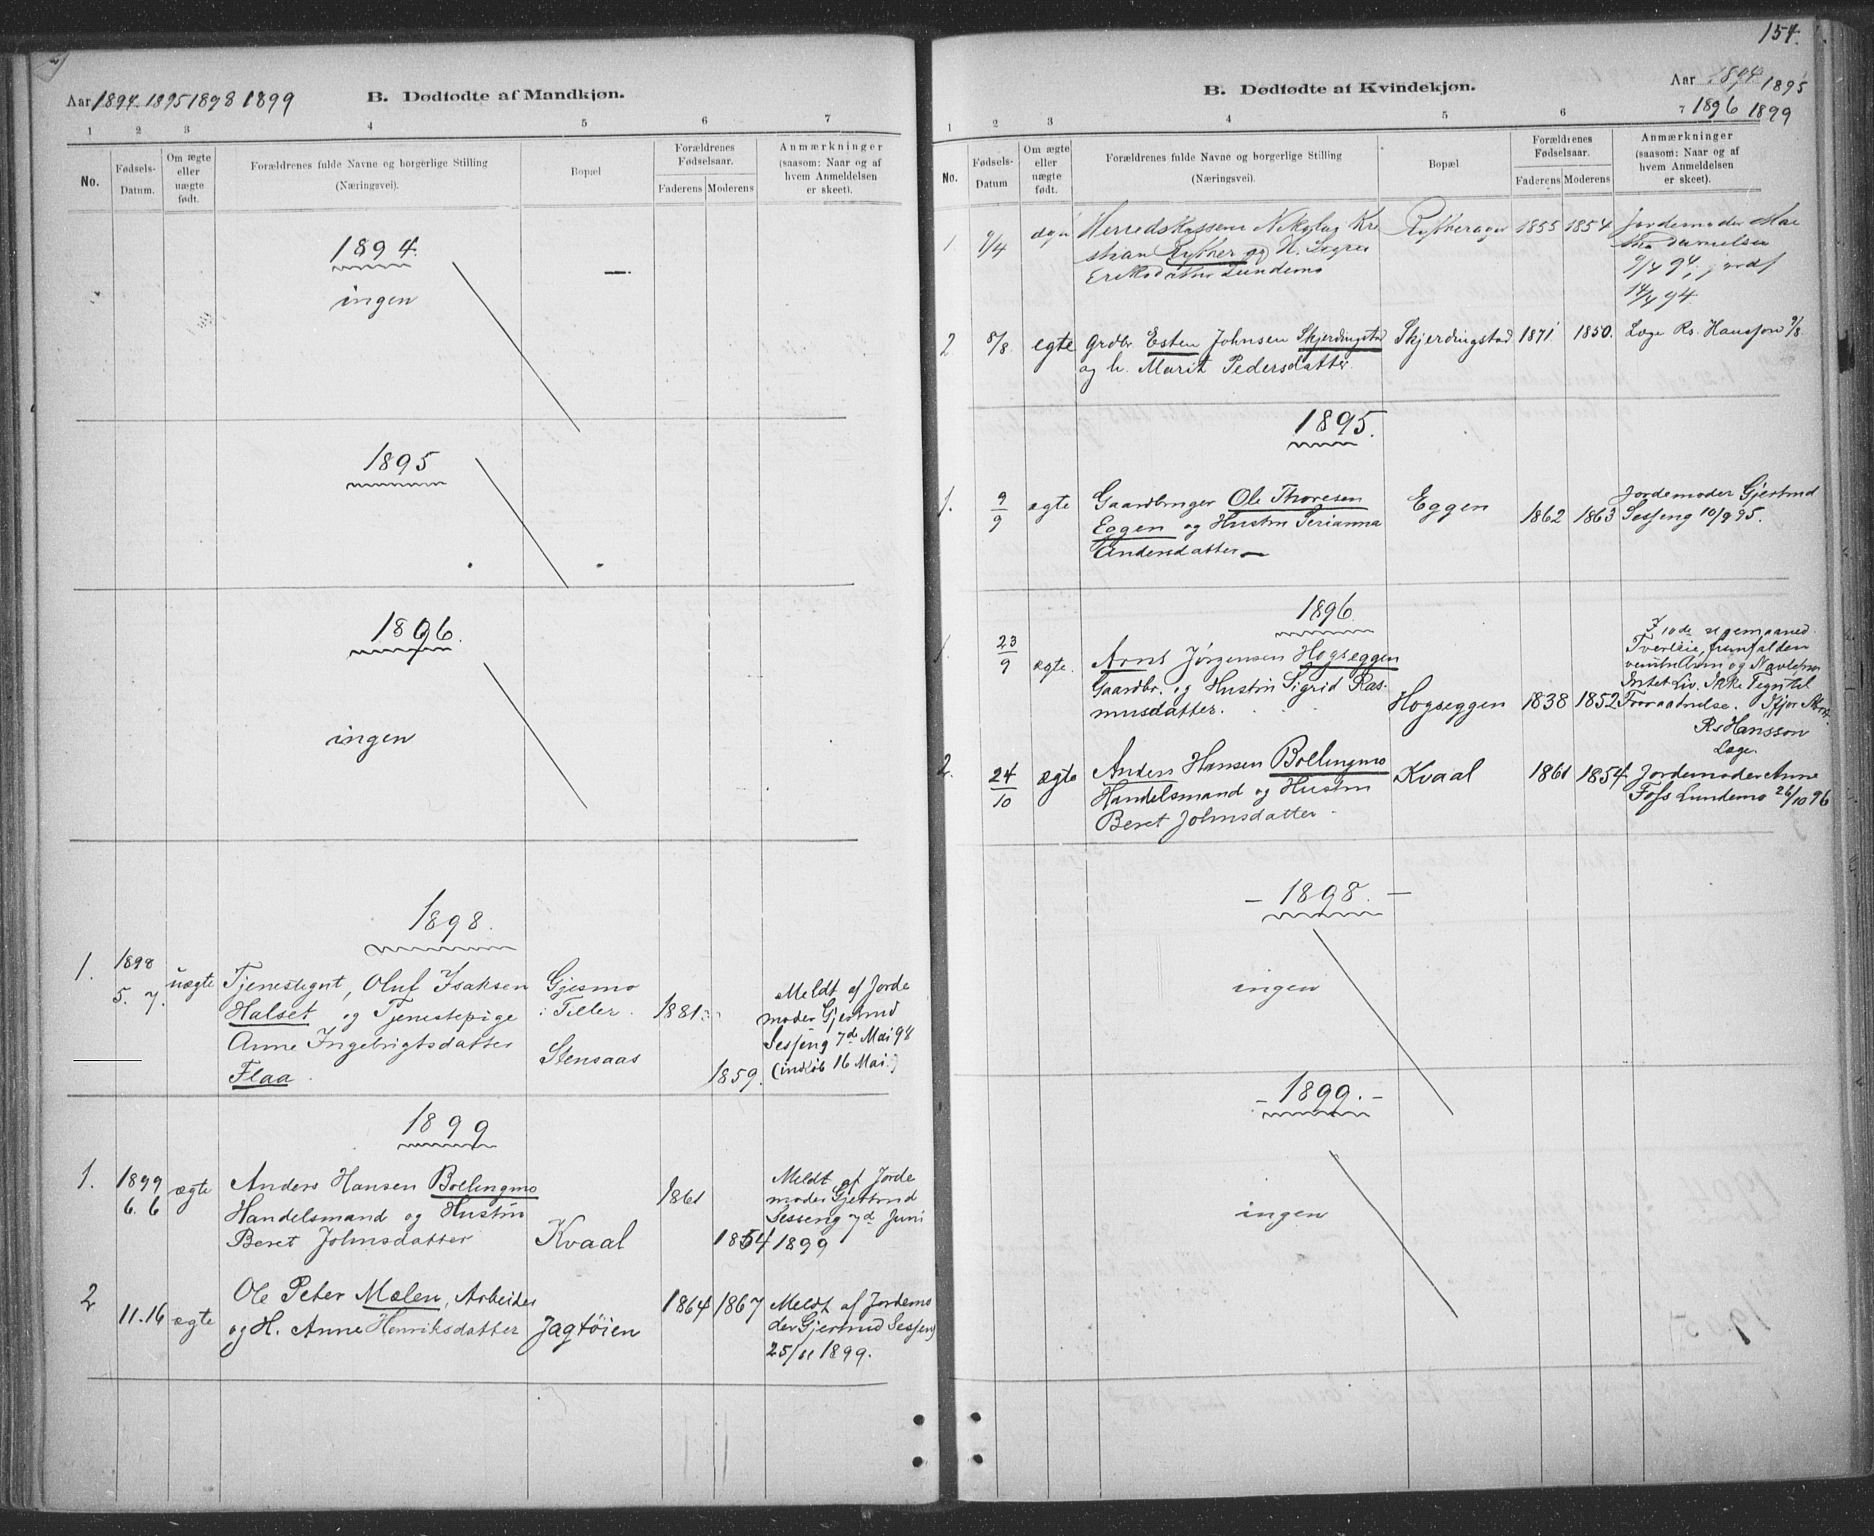 SAT, Ministerialprotokoller, klokkerbøker og fødselsregistre - Sør-Trøndelag, 691/L1085: Ministerialbok nr. 691A17, 1887-1908, s. 154